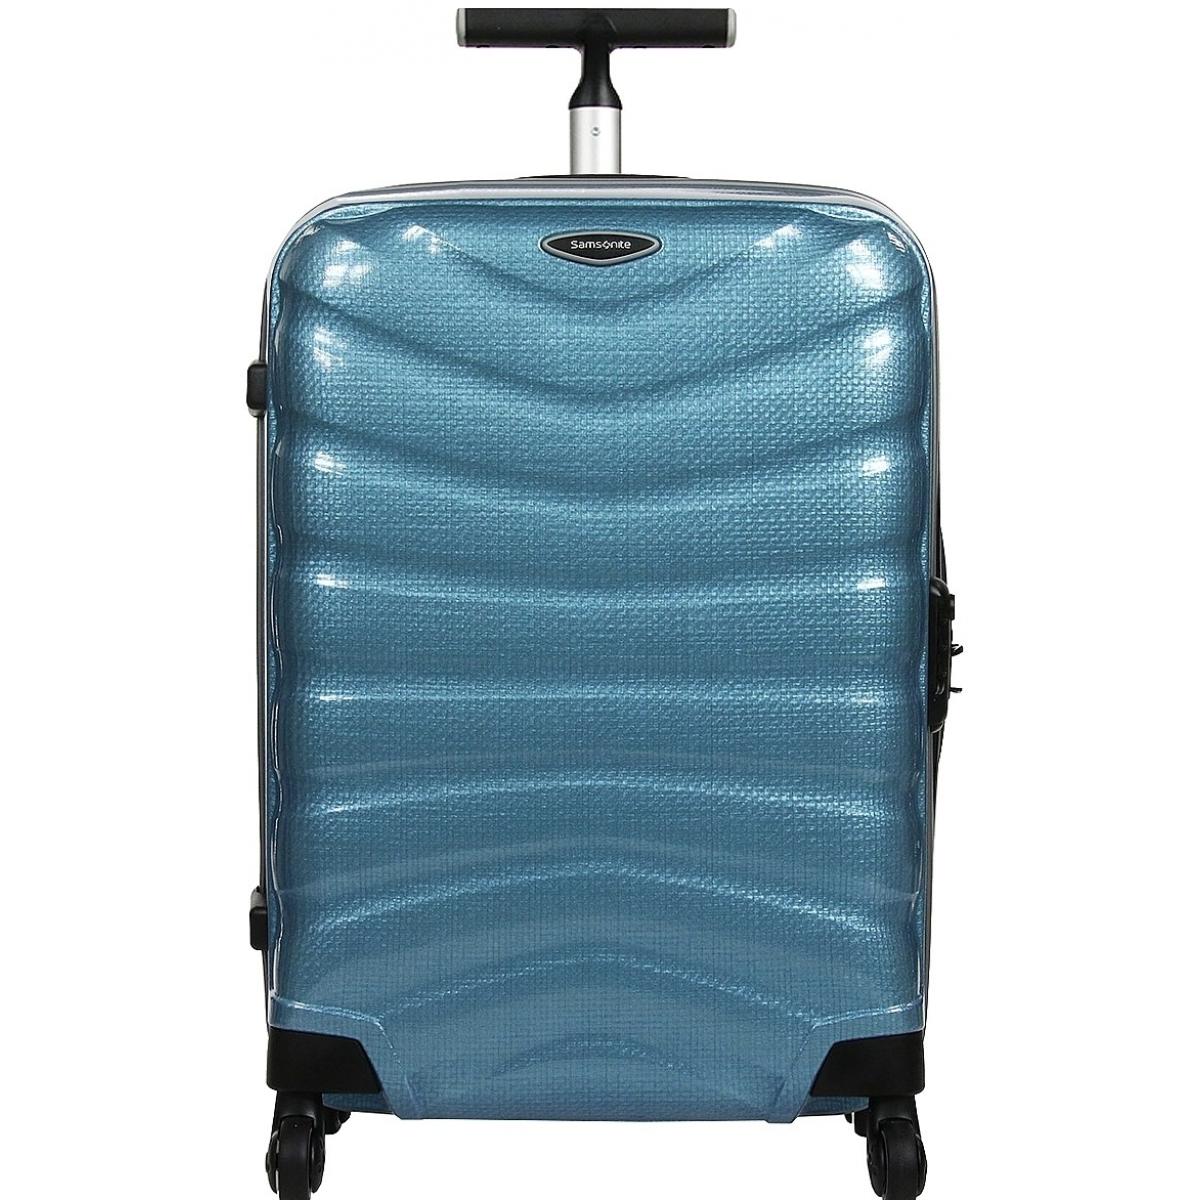 valise cabine samsonite firelite spinner 55 cm firelite59 couleur principale sly blue. Black Bedroom Furniture Sets. Home Design Ideas